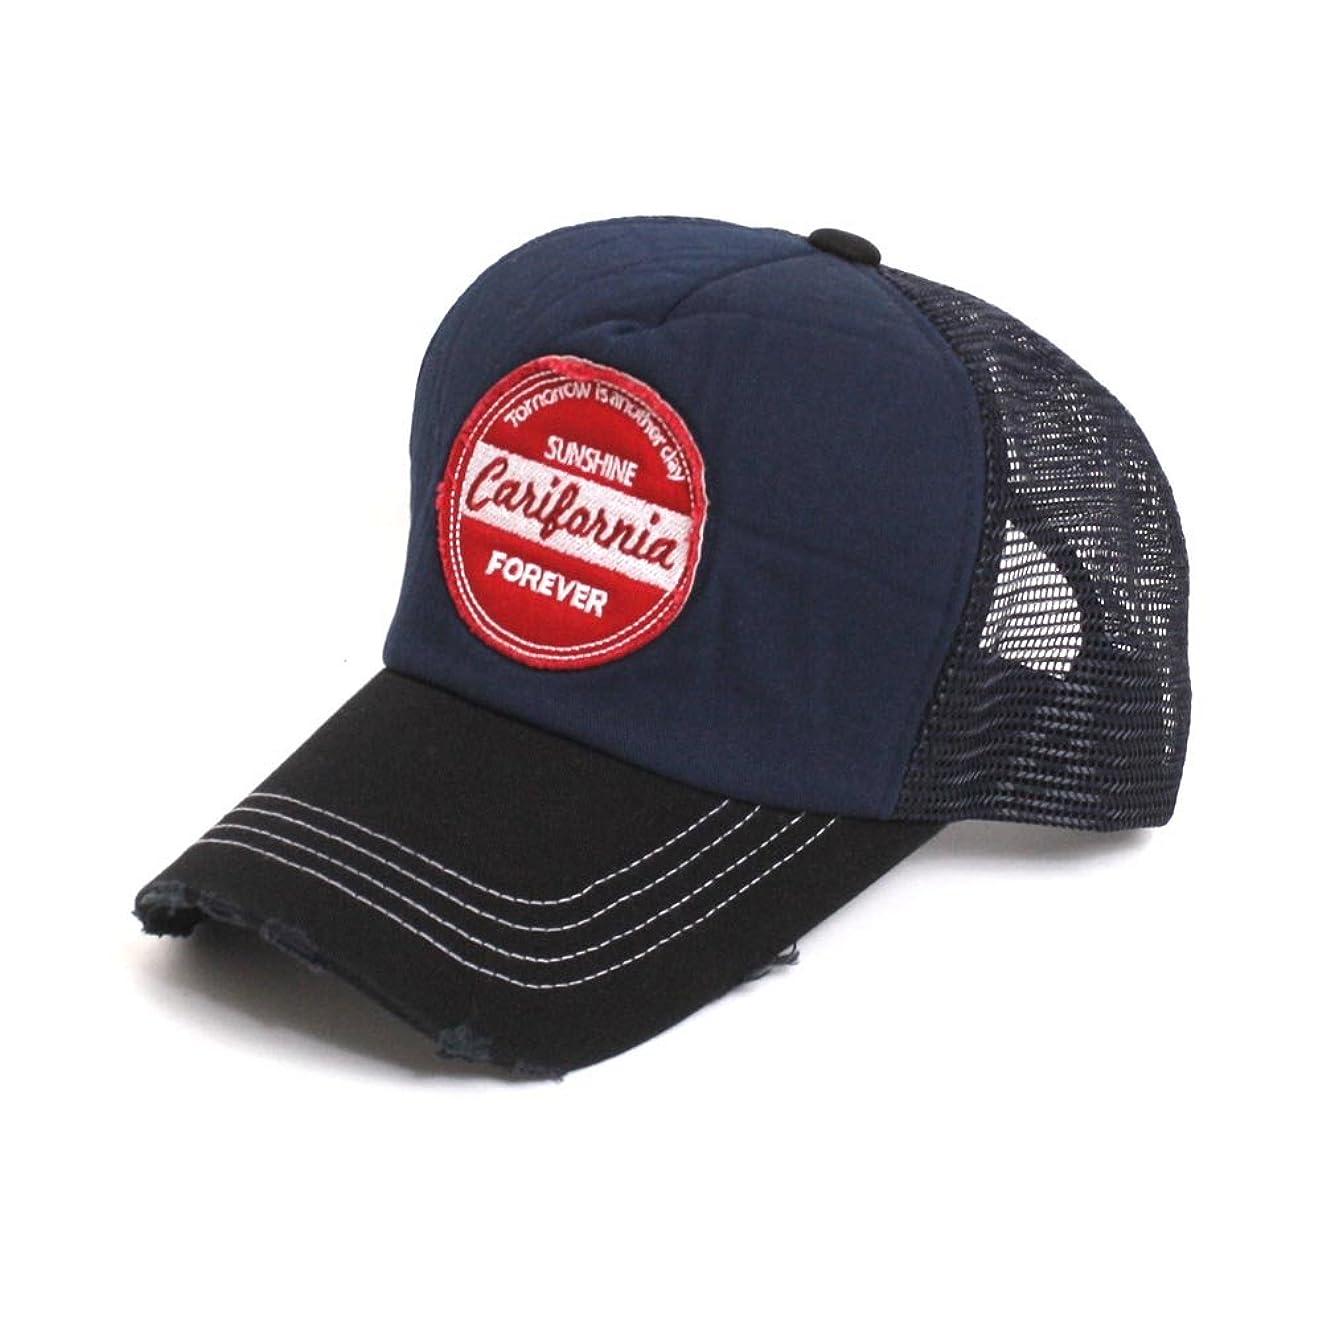 以下飛躍抑圧者メッシュキャップ メンズ California カリフォルニア 大きい帽子 大きいサイズ レディース F XL ビッグサイズ